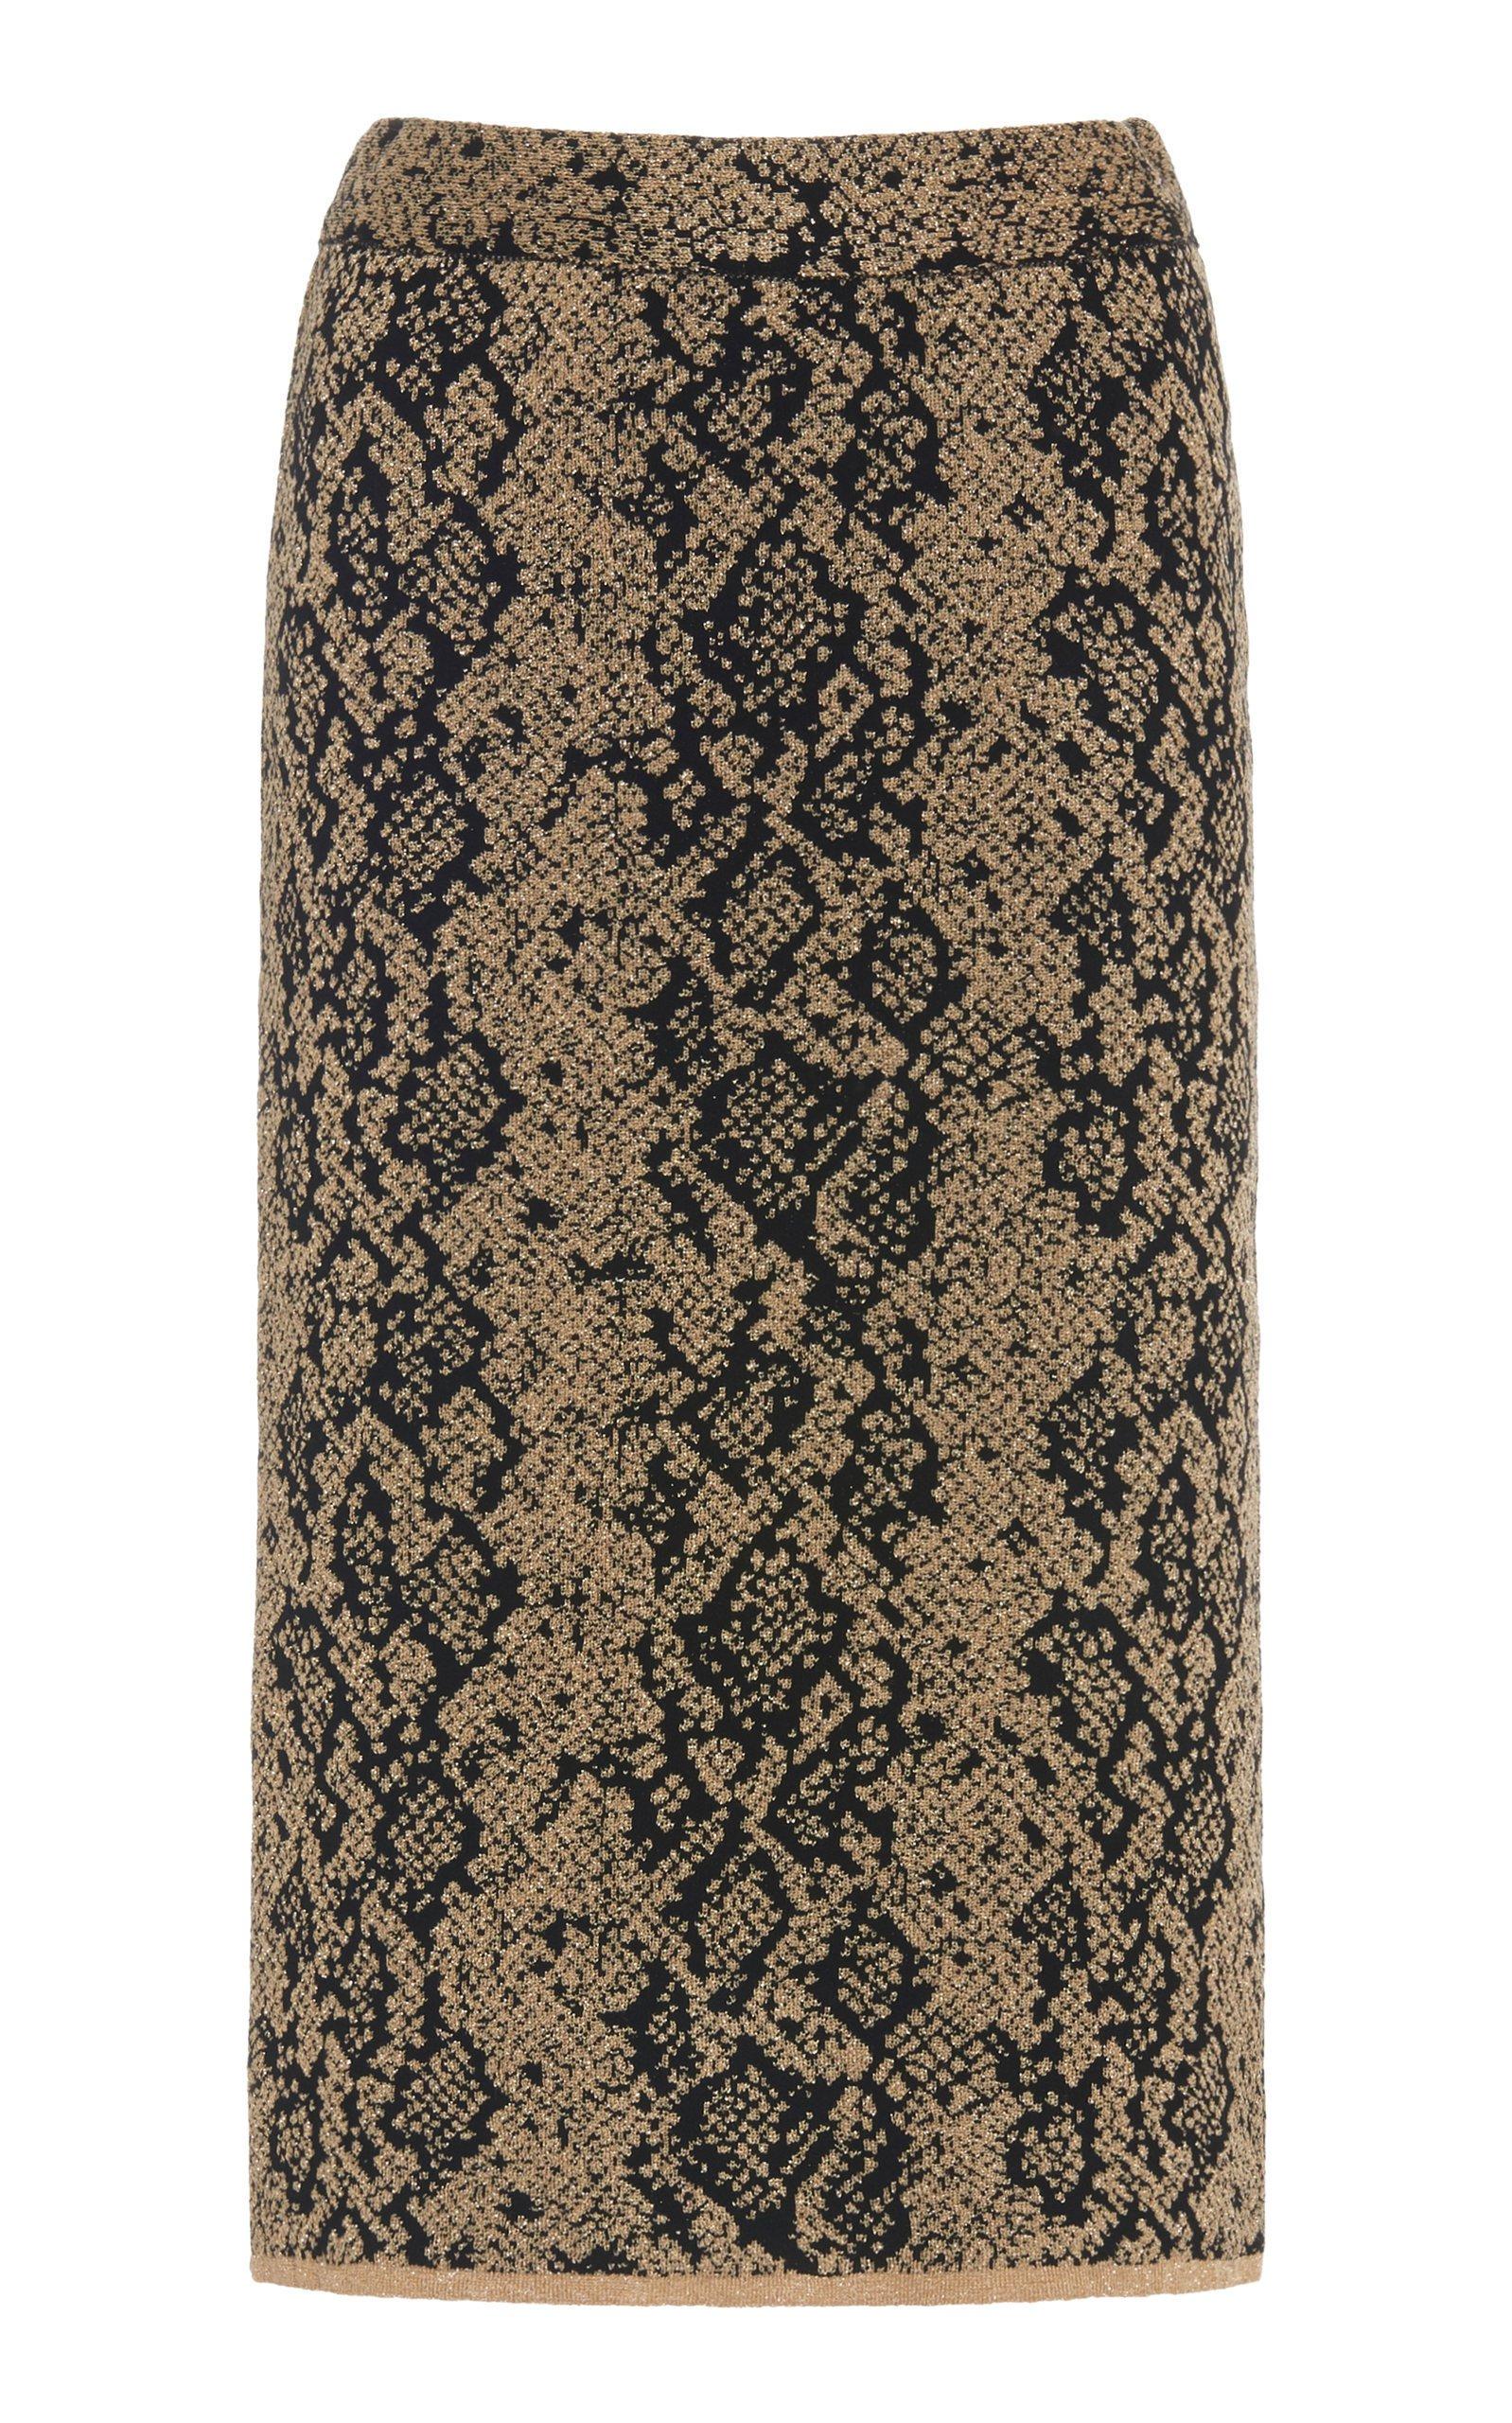 Dundas Printed Jersey Pencil Skirt Size: 38